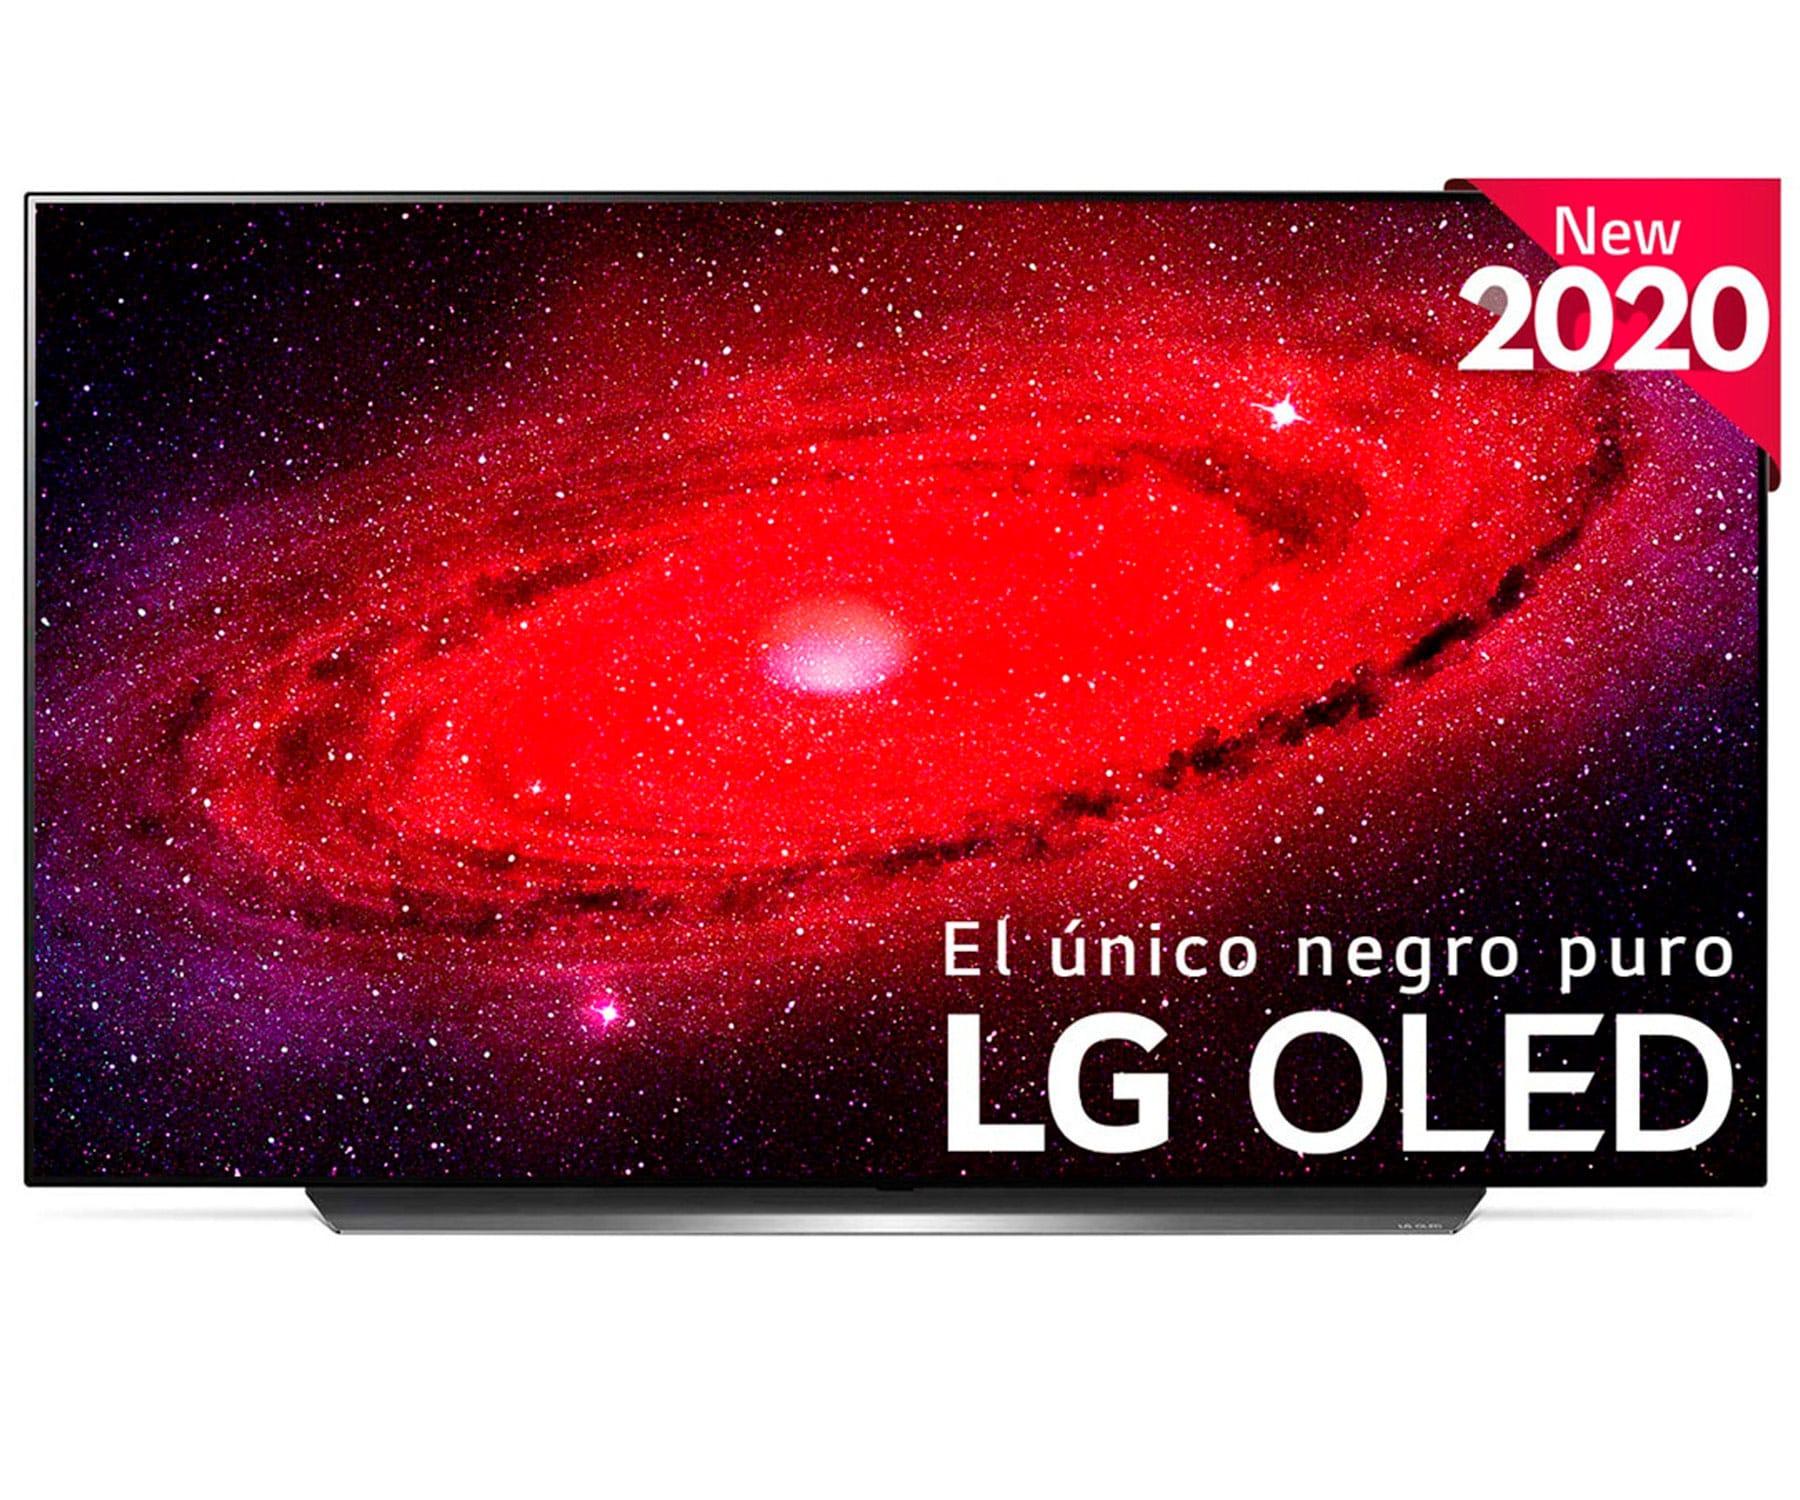 LG 55CX6LA TELEVISOR 55'' OLED UHD 4K HDR THINQ SMART TV IA WEBOS 5.0 WIFI BLUETOOTH SONIDO DOLBY ATMOS